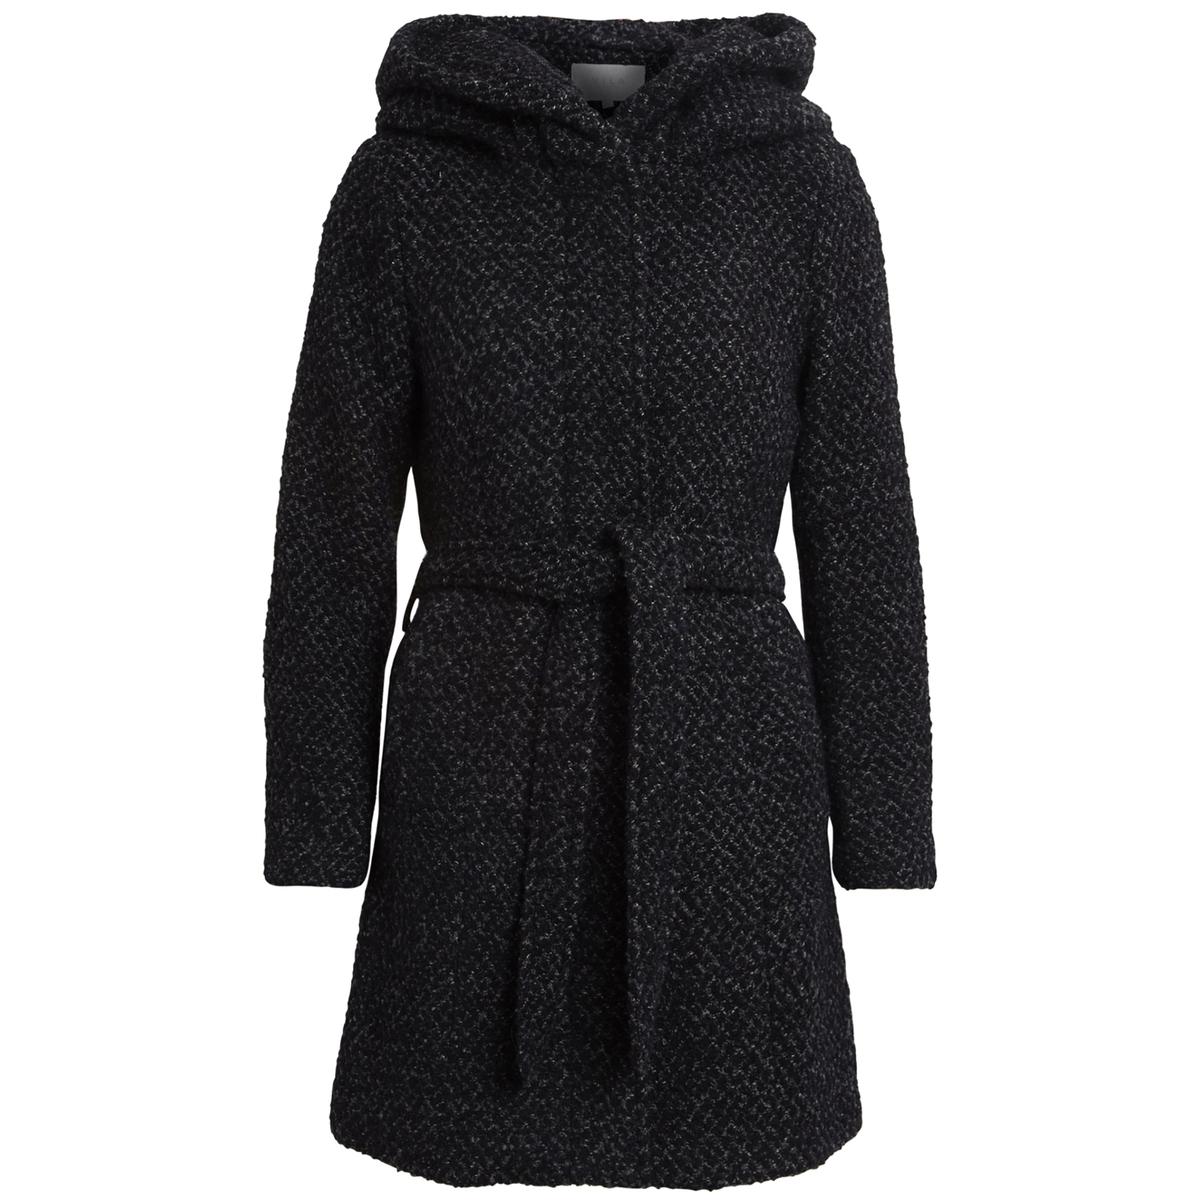 Пальто с капюшономДетали •  Длина  : средняя •  Капюшон  •  Рисунок-принт • Застежка на пуговицы •  С капюшоном Состав и уход •  35% шерсти, 65% полиэстера •  Следуйте советам по уходу, указанным на этикетке<br><br>Цвет: черный меланж